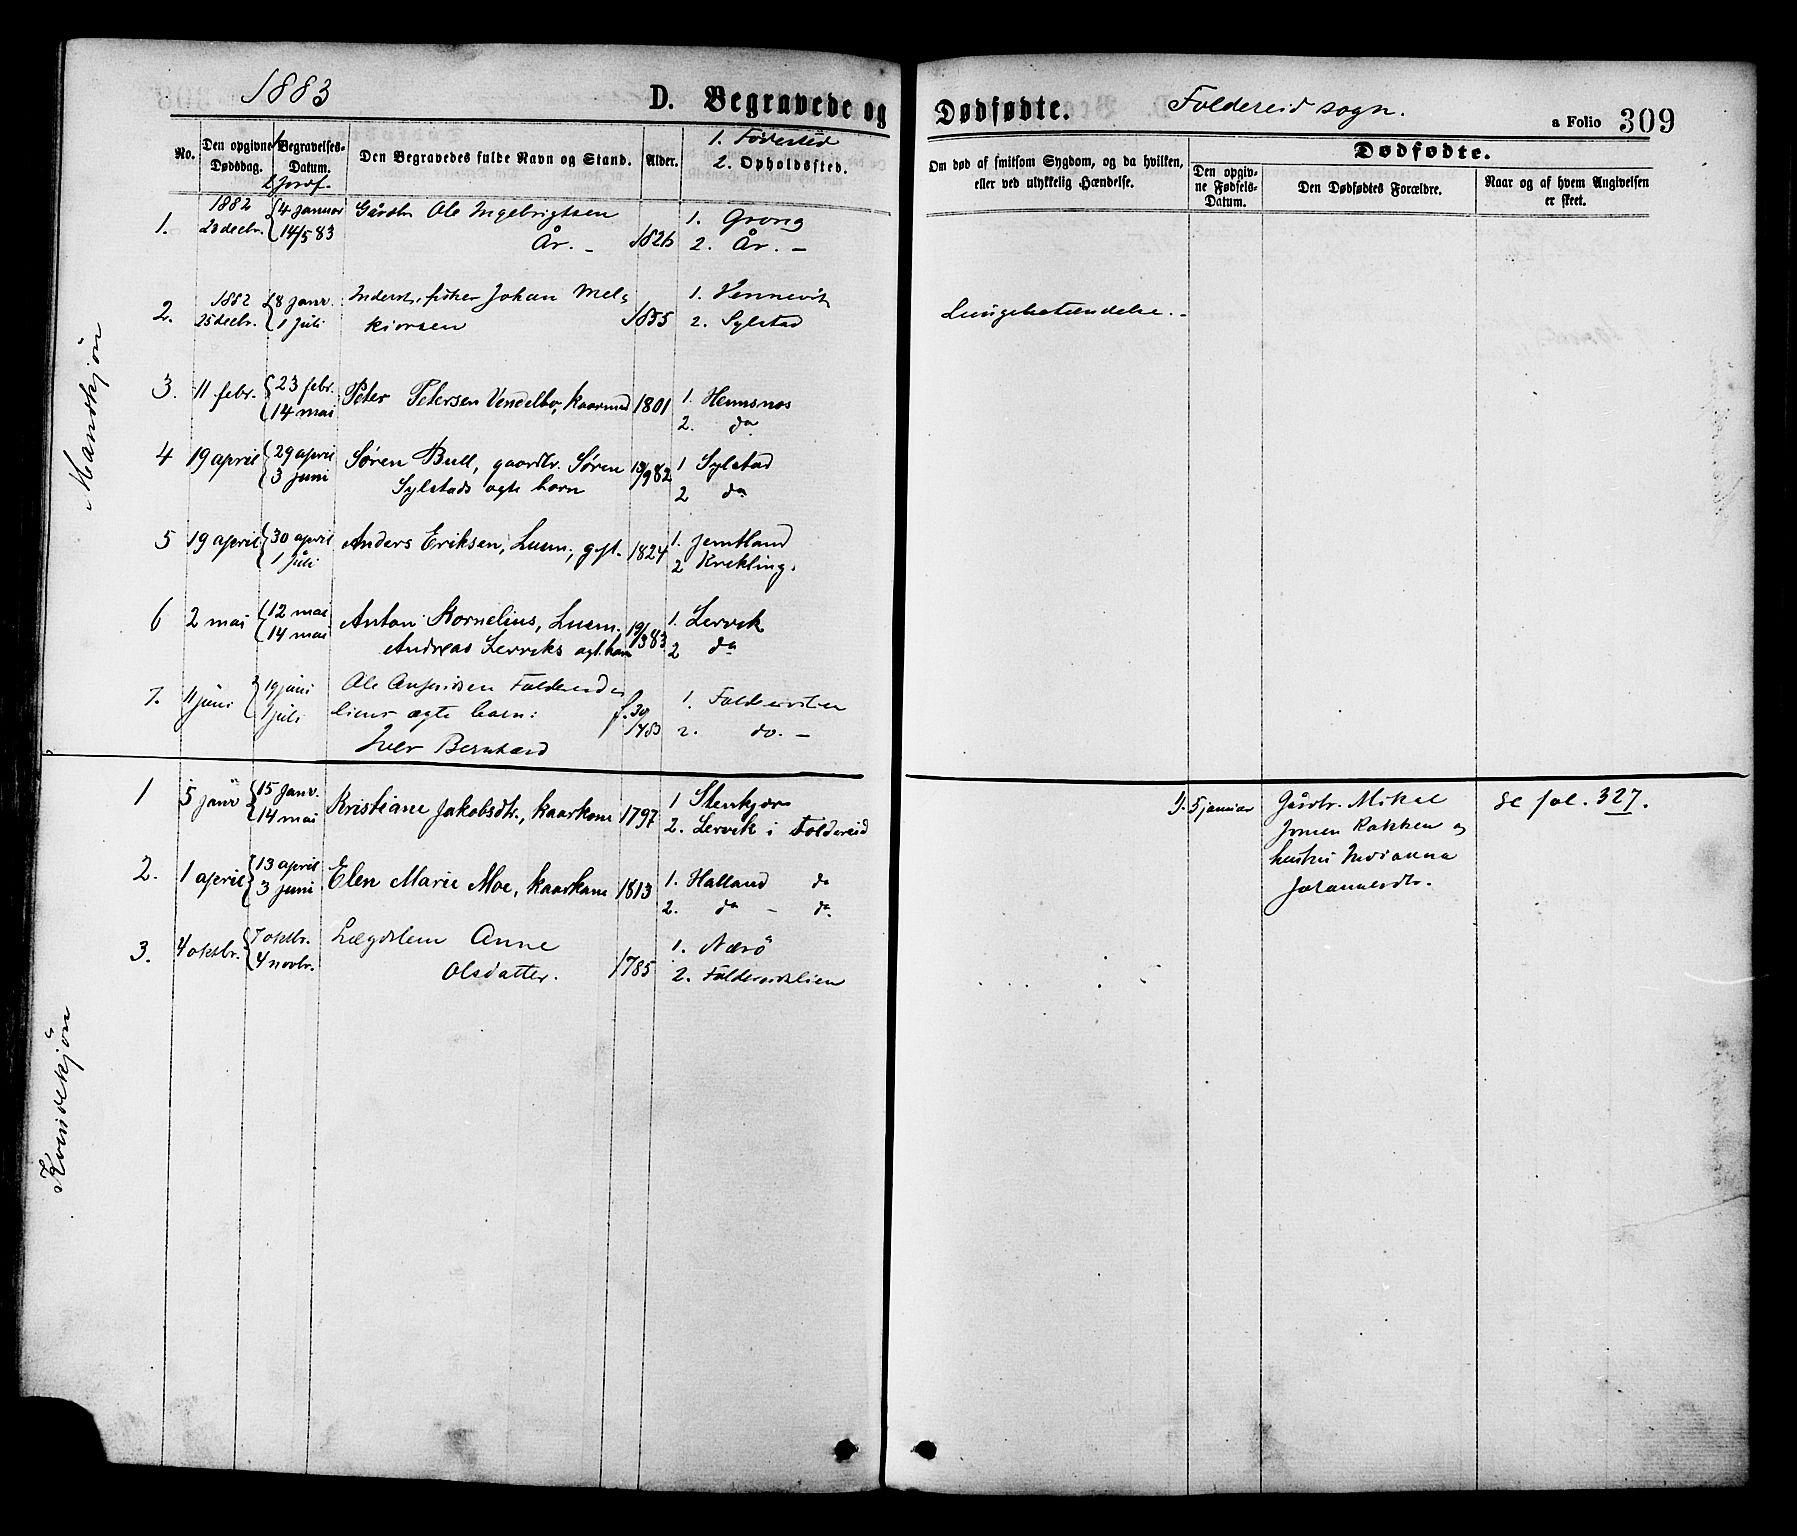 SAT, Ministerialprotokoller, klokkerbøker og fødselsregistre - Nord-Trøndelag, 780/L0642: Ministerialbok nr. 780A07 /2, 1878-1885, s. 309